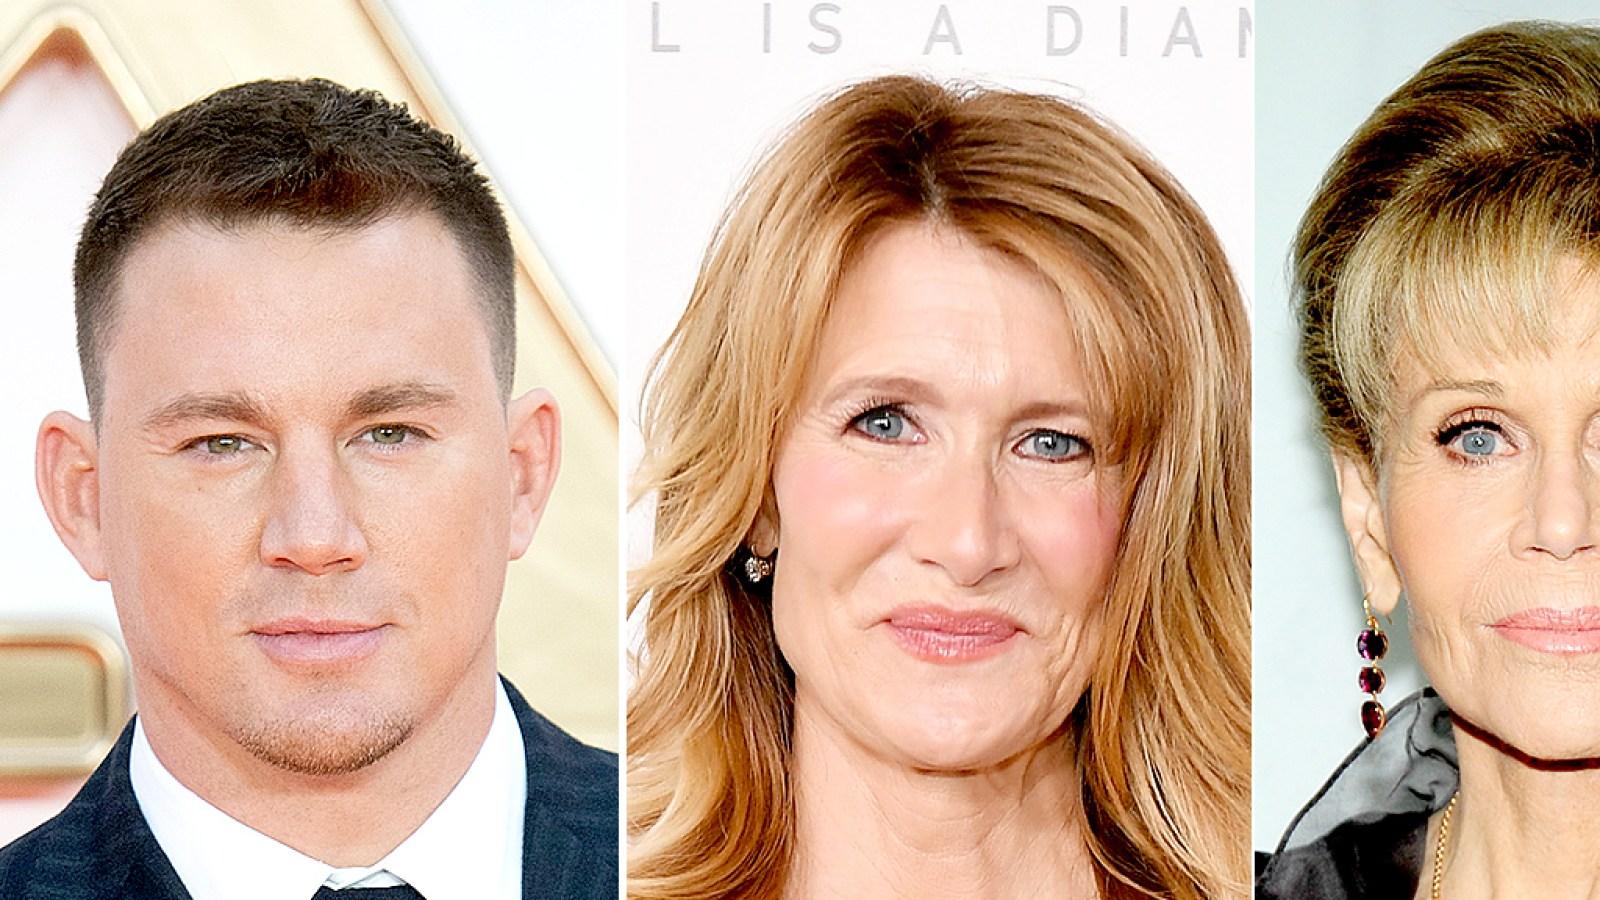 Channing Tatum, More Stars Speak Out Against Harvey Weinstein